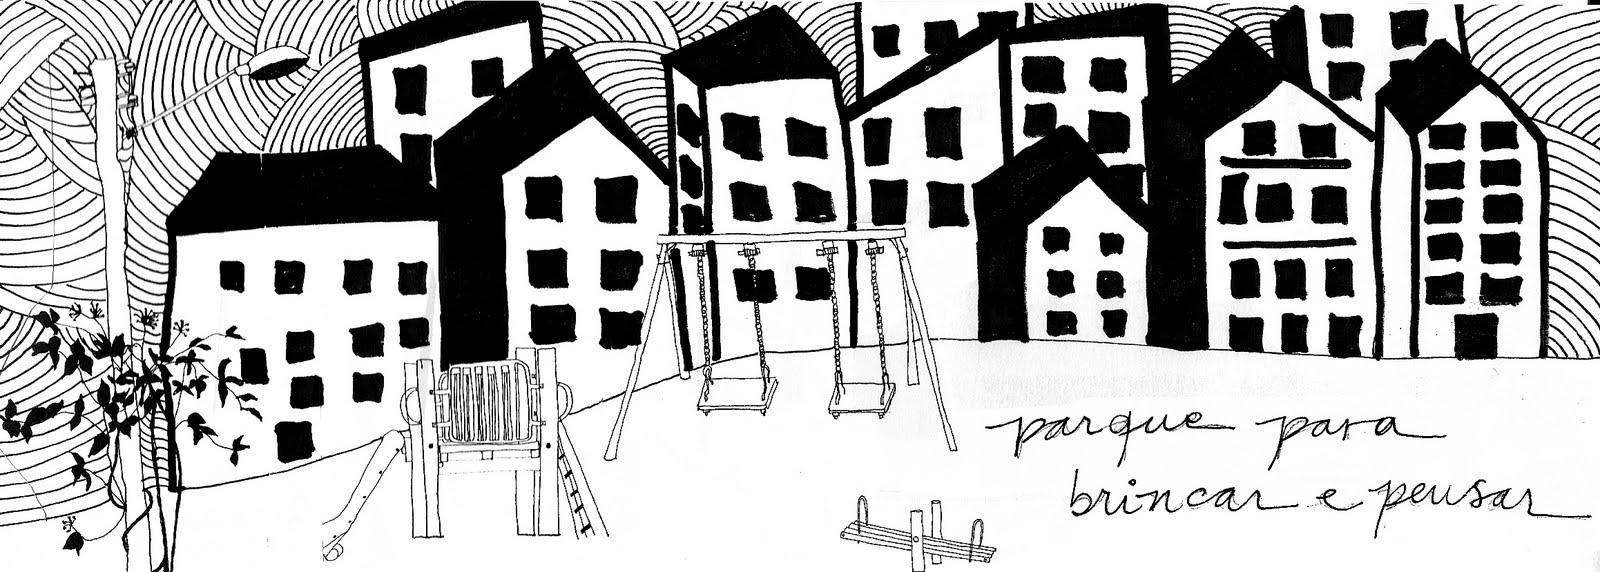 parque para brincar e pensar